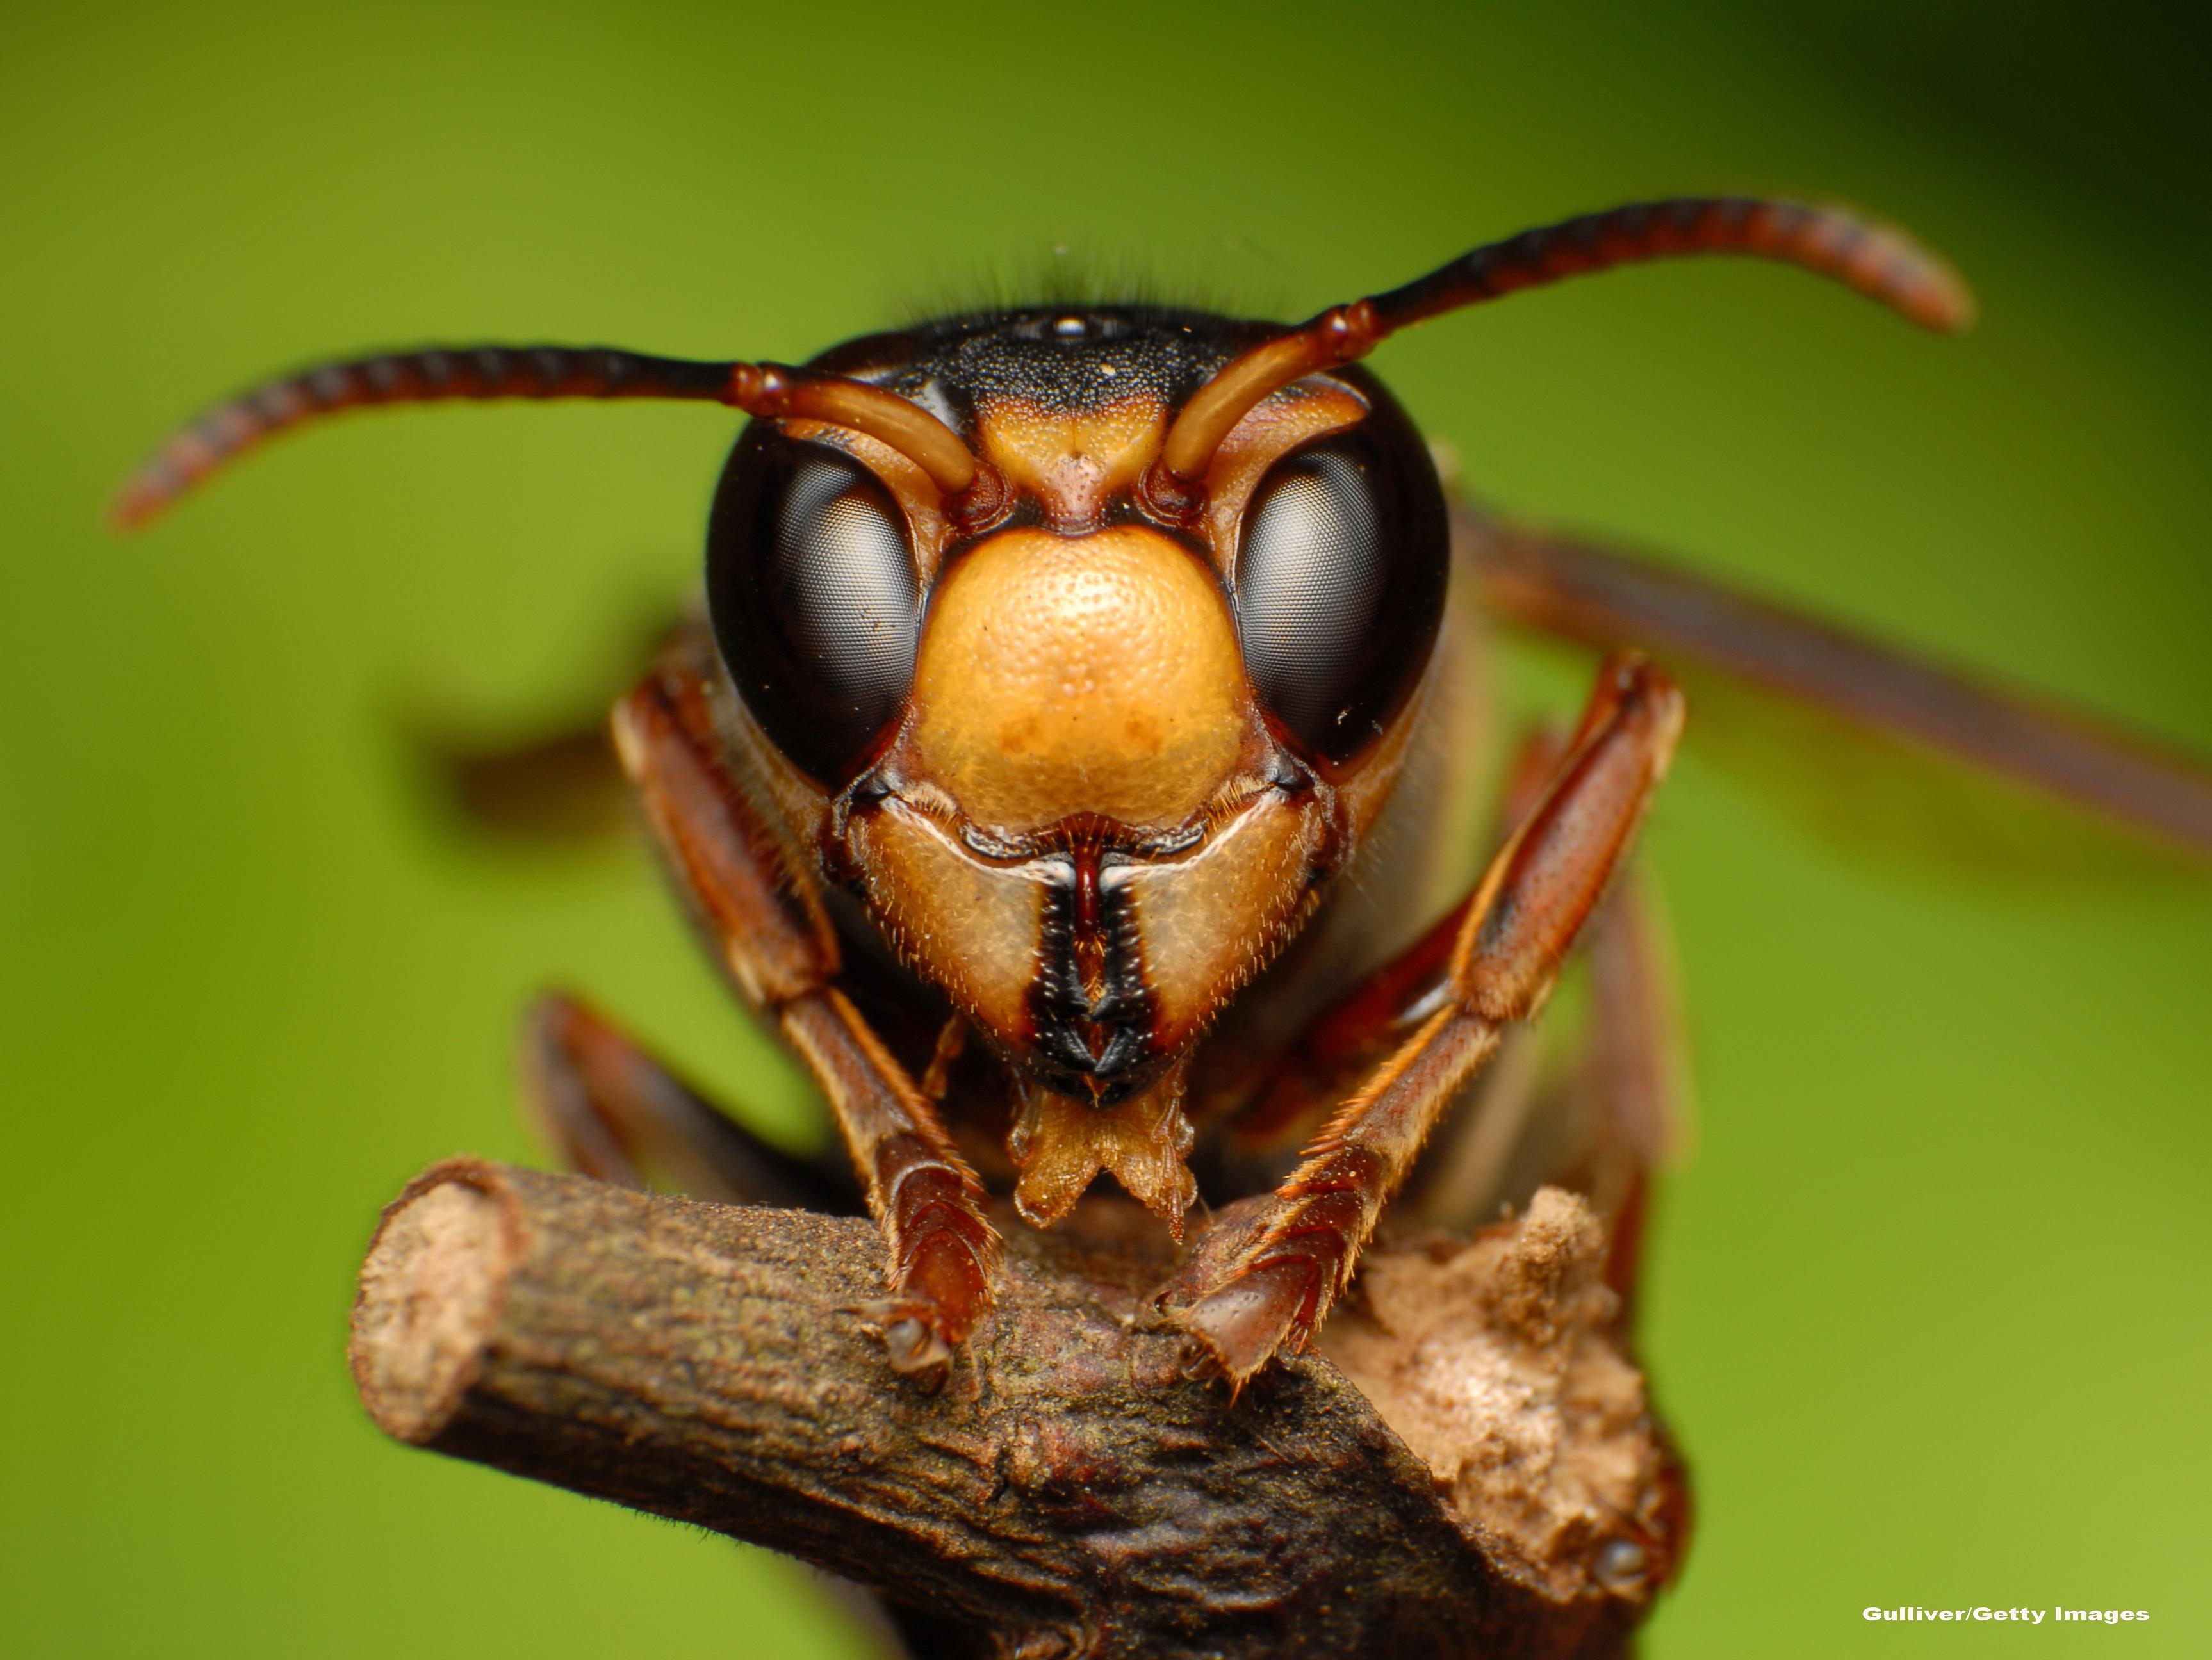 Razboiul speciilor. Australia aduce o micro-viespe din Malaysia ca sa distruga super-coloniile furnicilor nebune